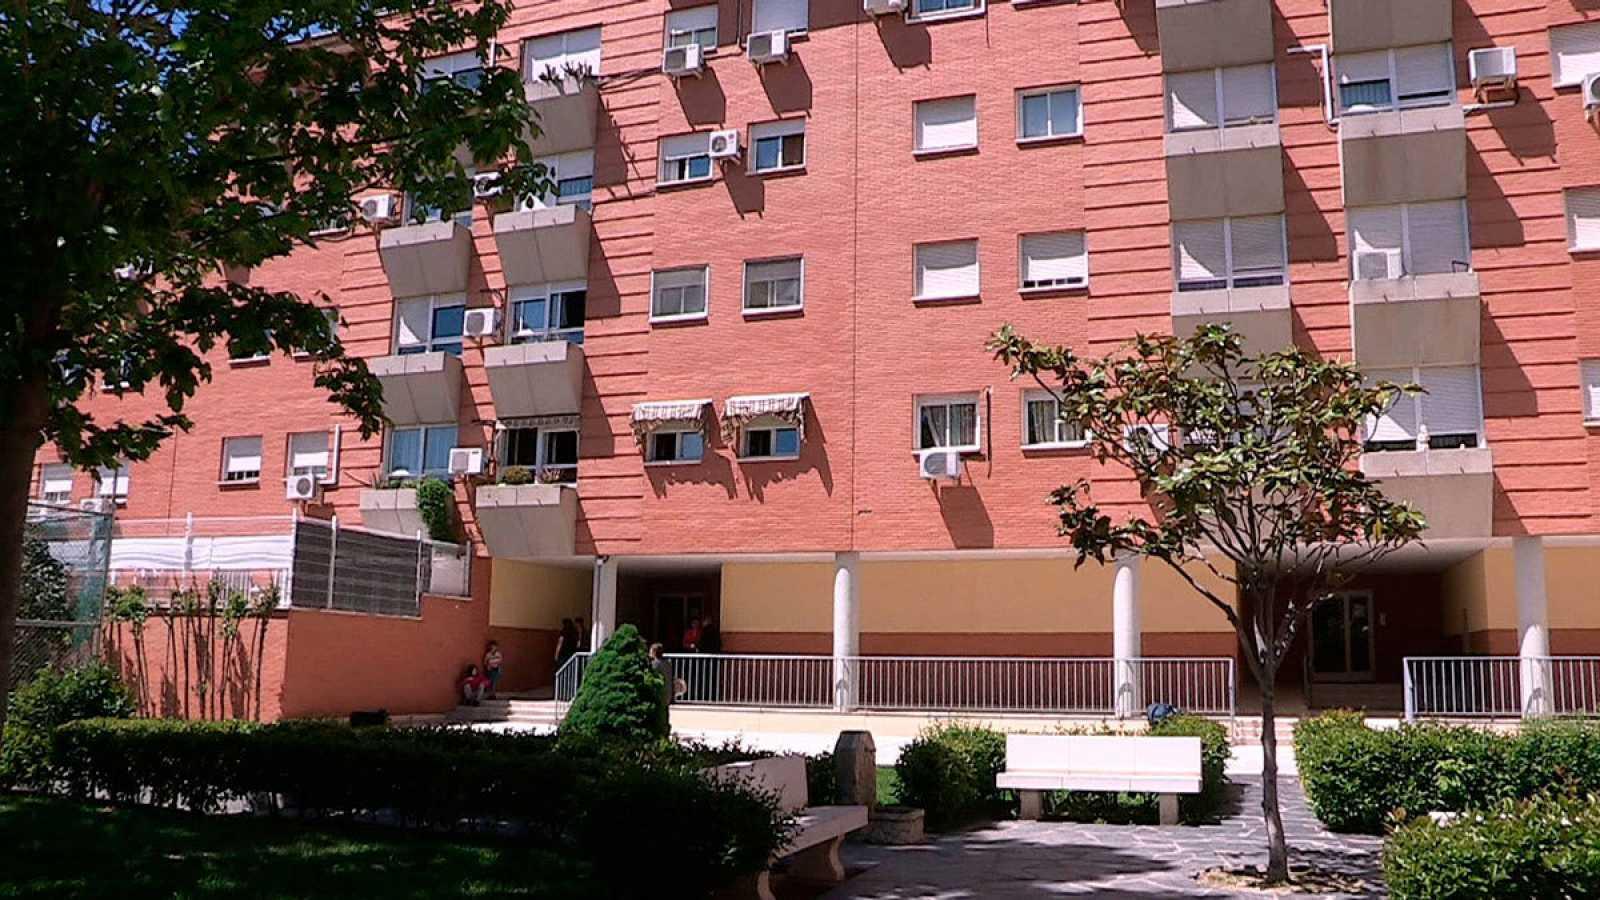 Vista del edificio en Parla donde se ubica la vivienda en la que se halló el cadáver de la mujer asesinada